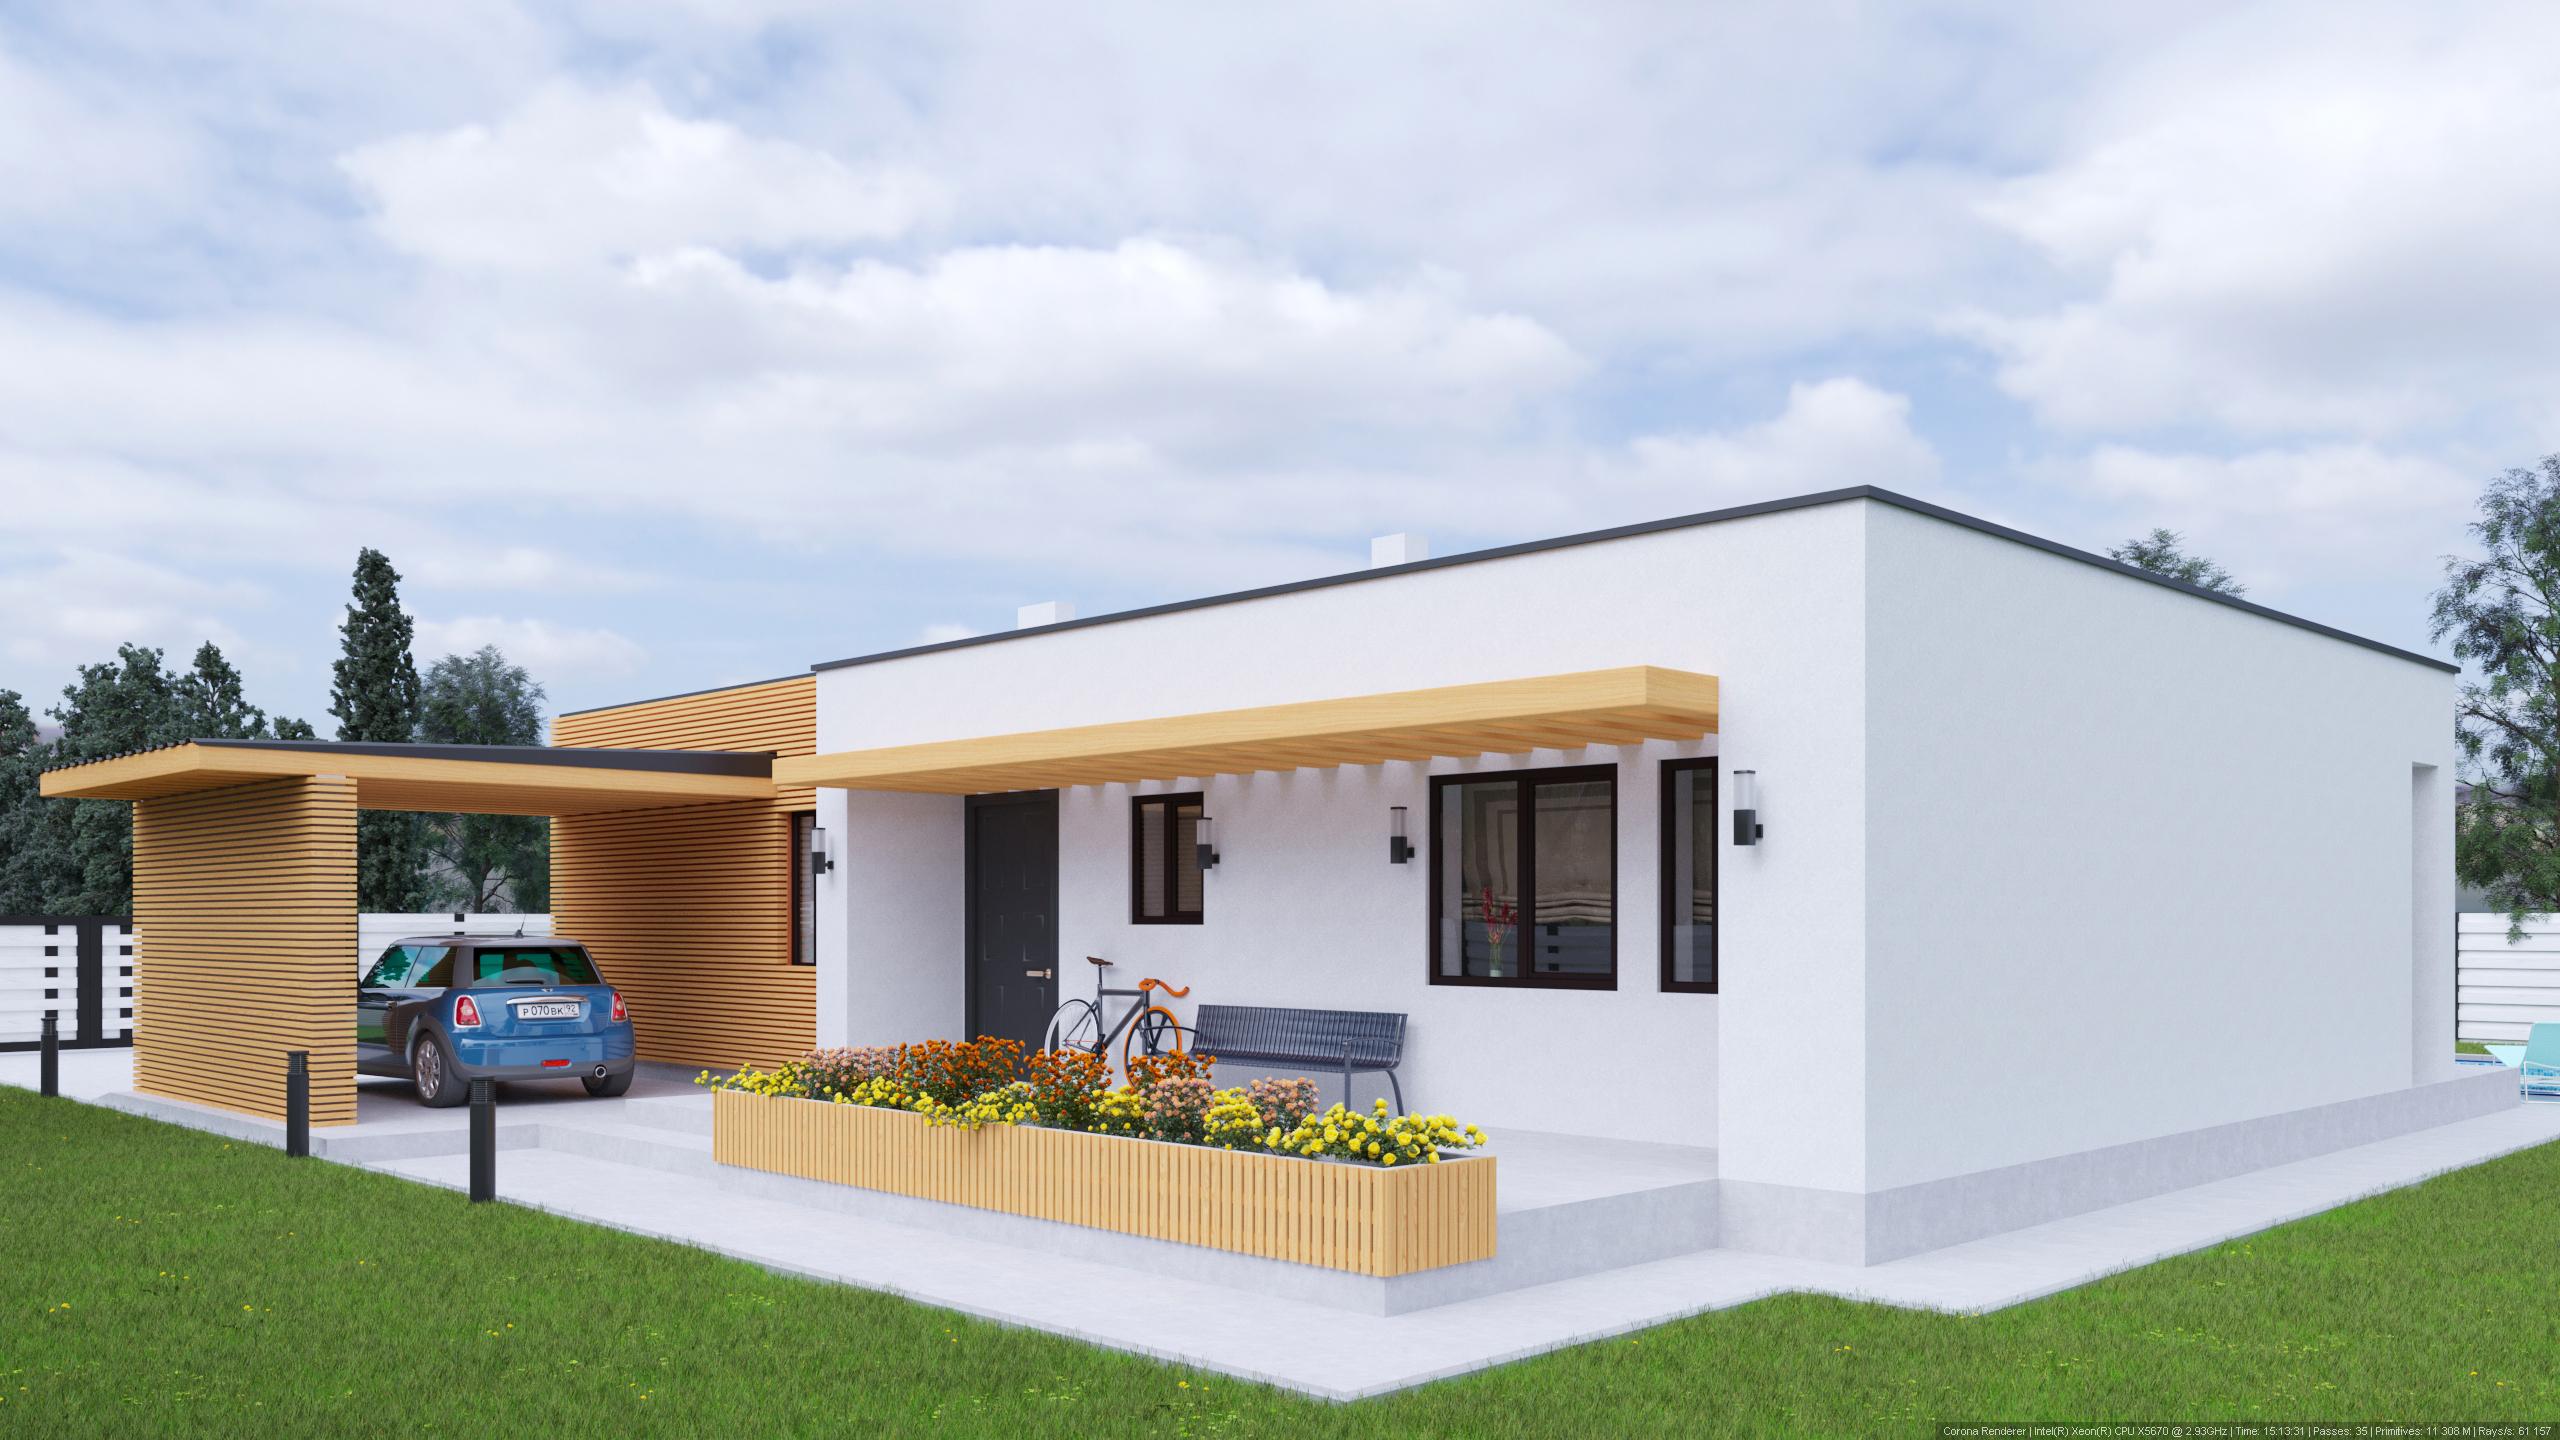 भूखंड पर घर V2 3d max corona render में प्रस्तुत छवि